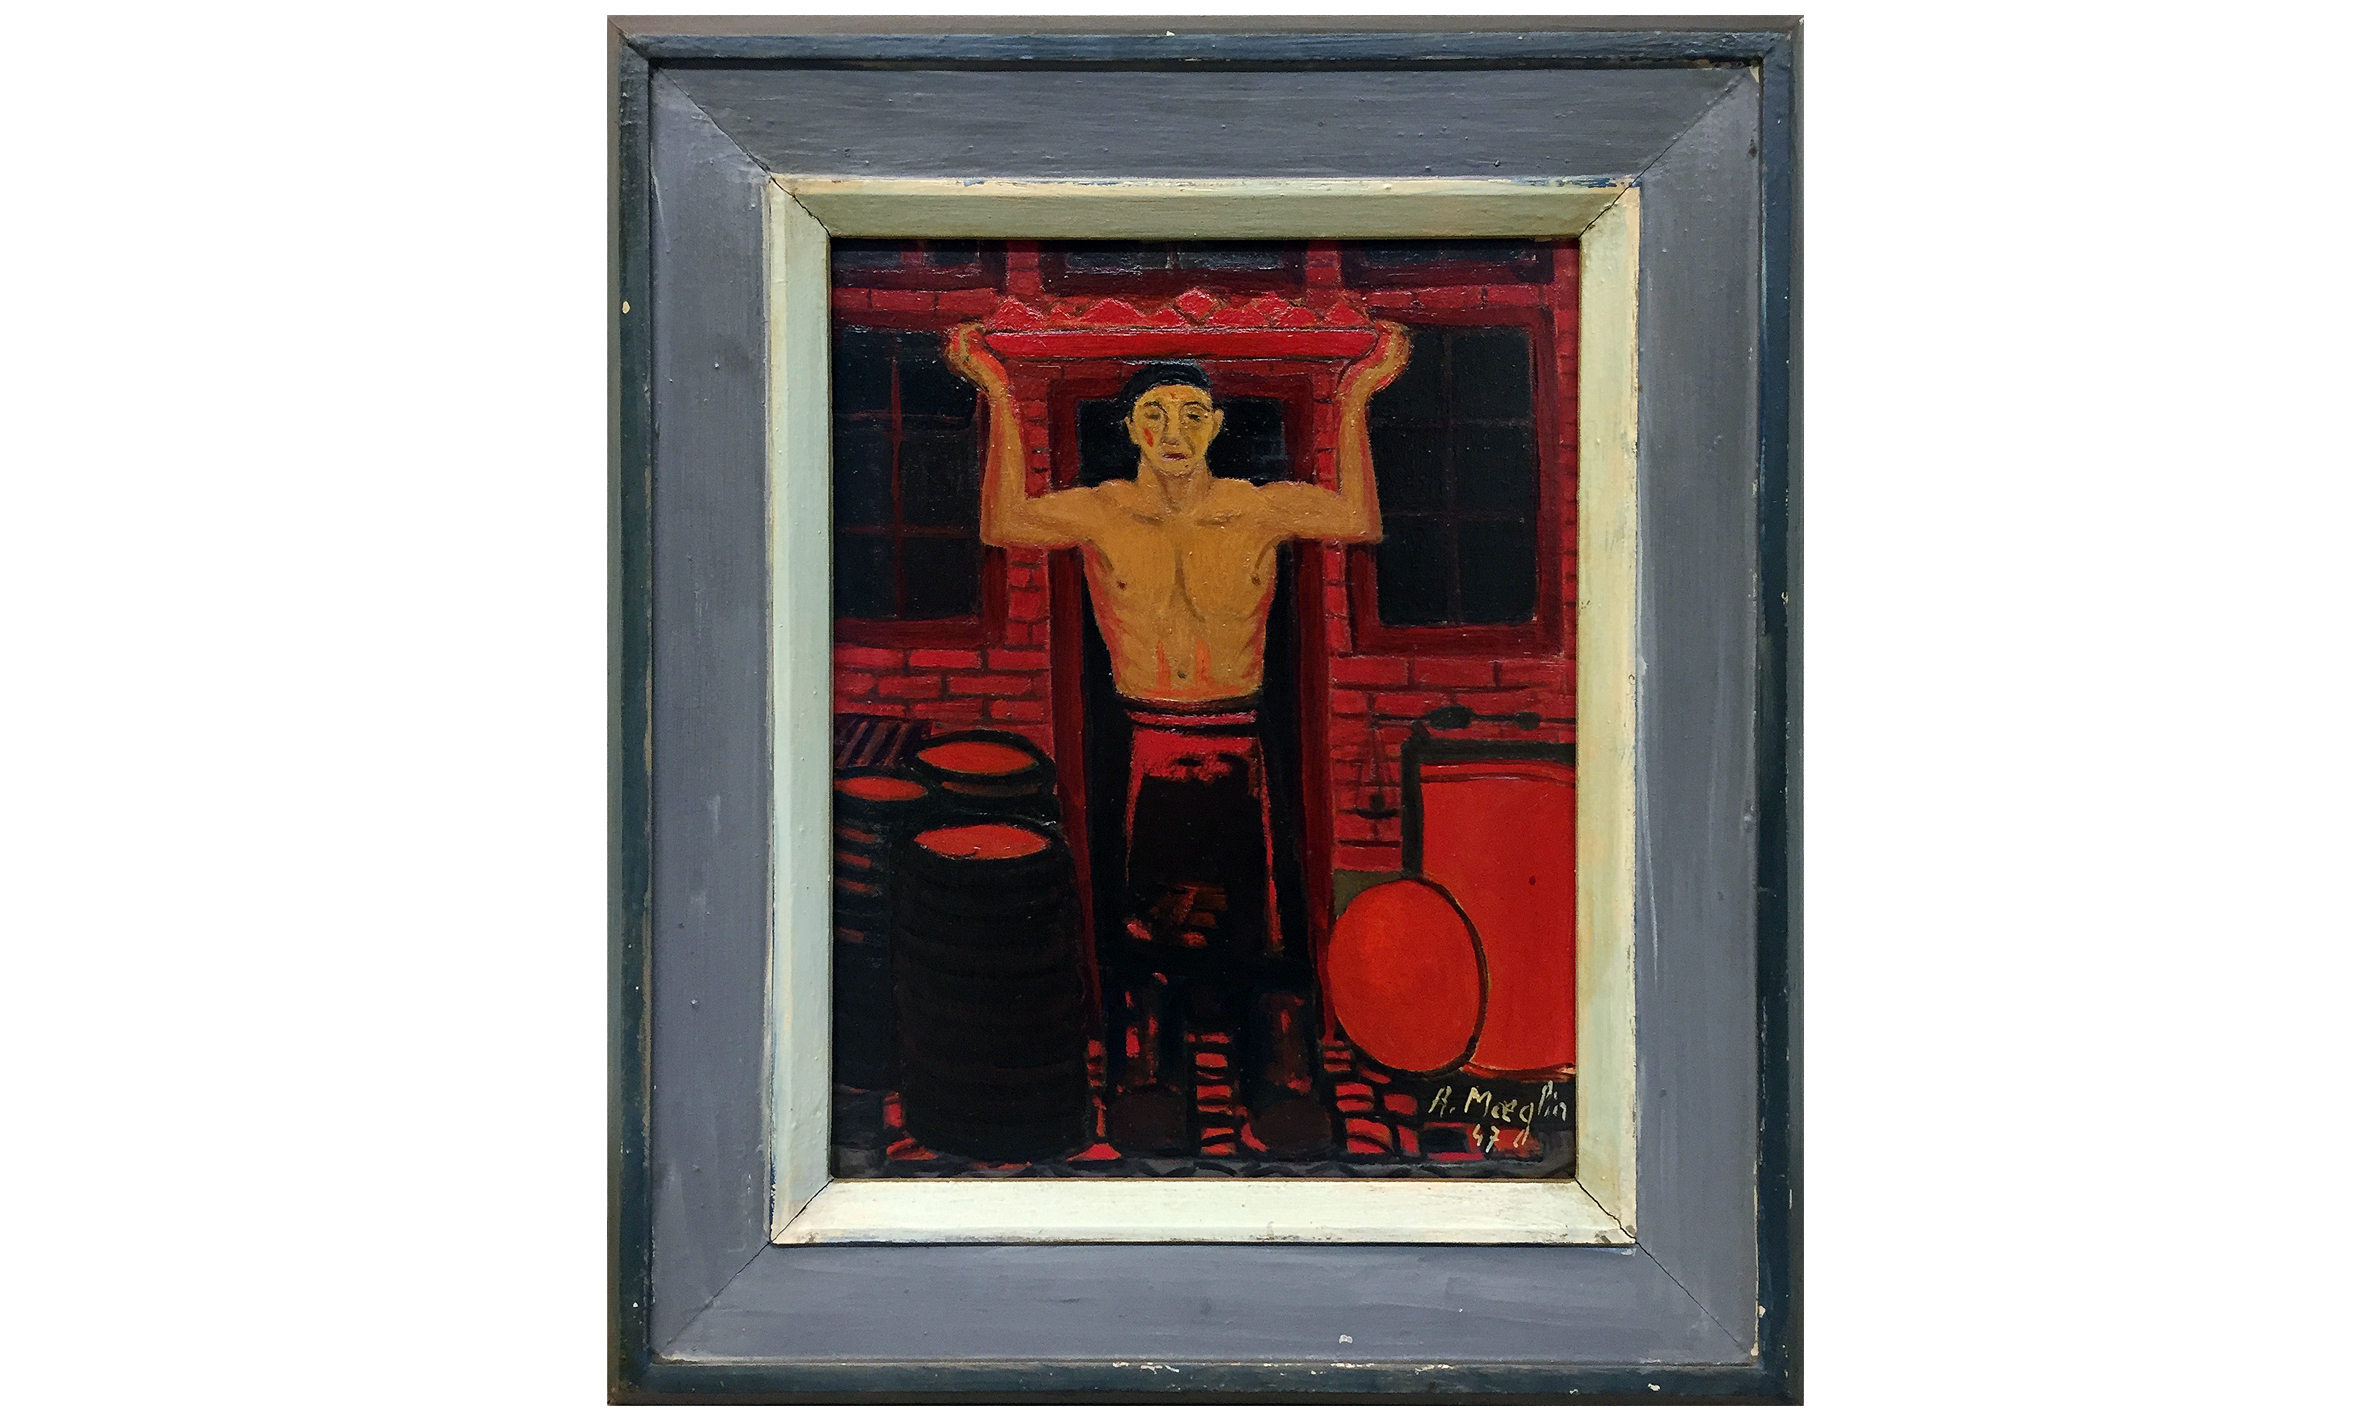 Ohne Titel, 1947, Öl auf Leinwand, 24 x 30 cm, Künstlerrahmen Holz, Rahmenmass 38 x 45 cm